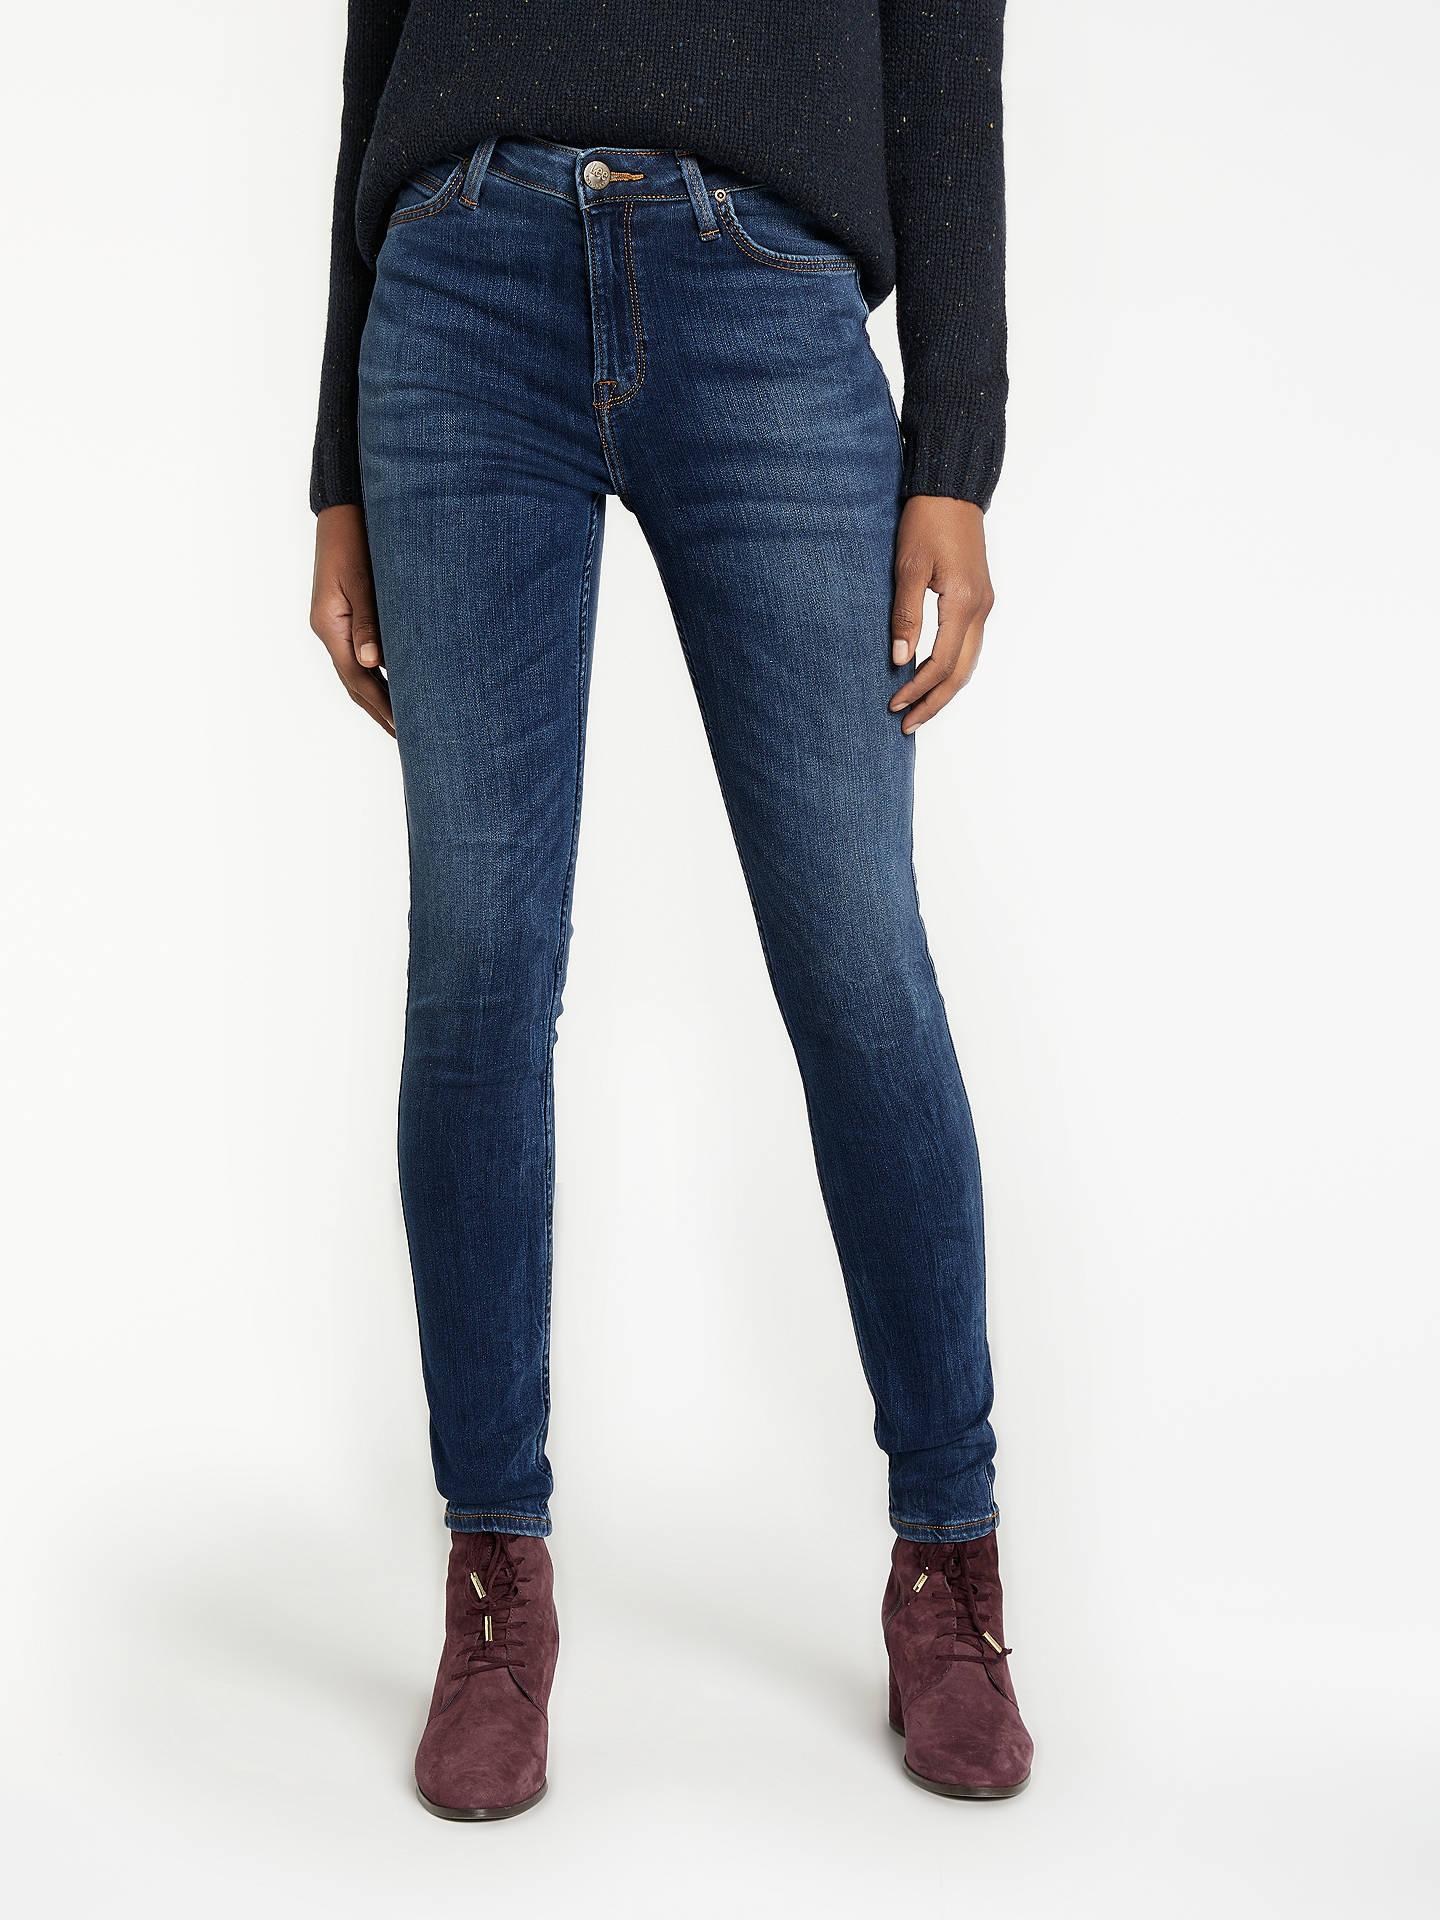 felvenni jó szolgáltatás cipő eladása Lee Scarlett High Waist Skinny Jeans, Yankee Blue at John Lewis ...